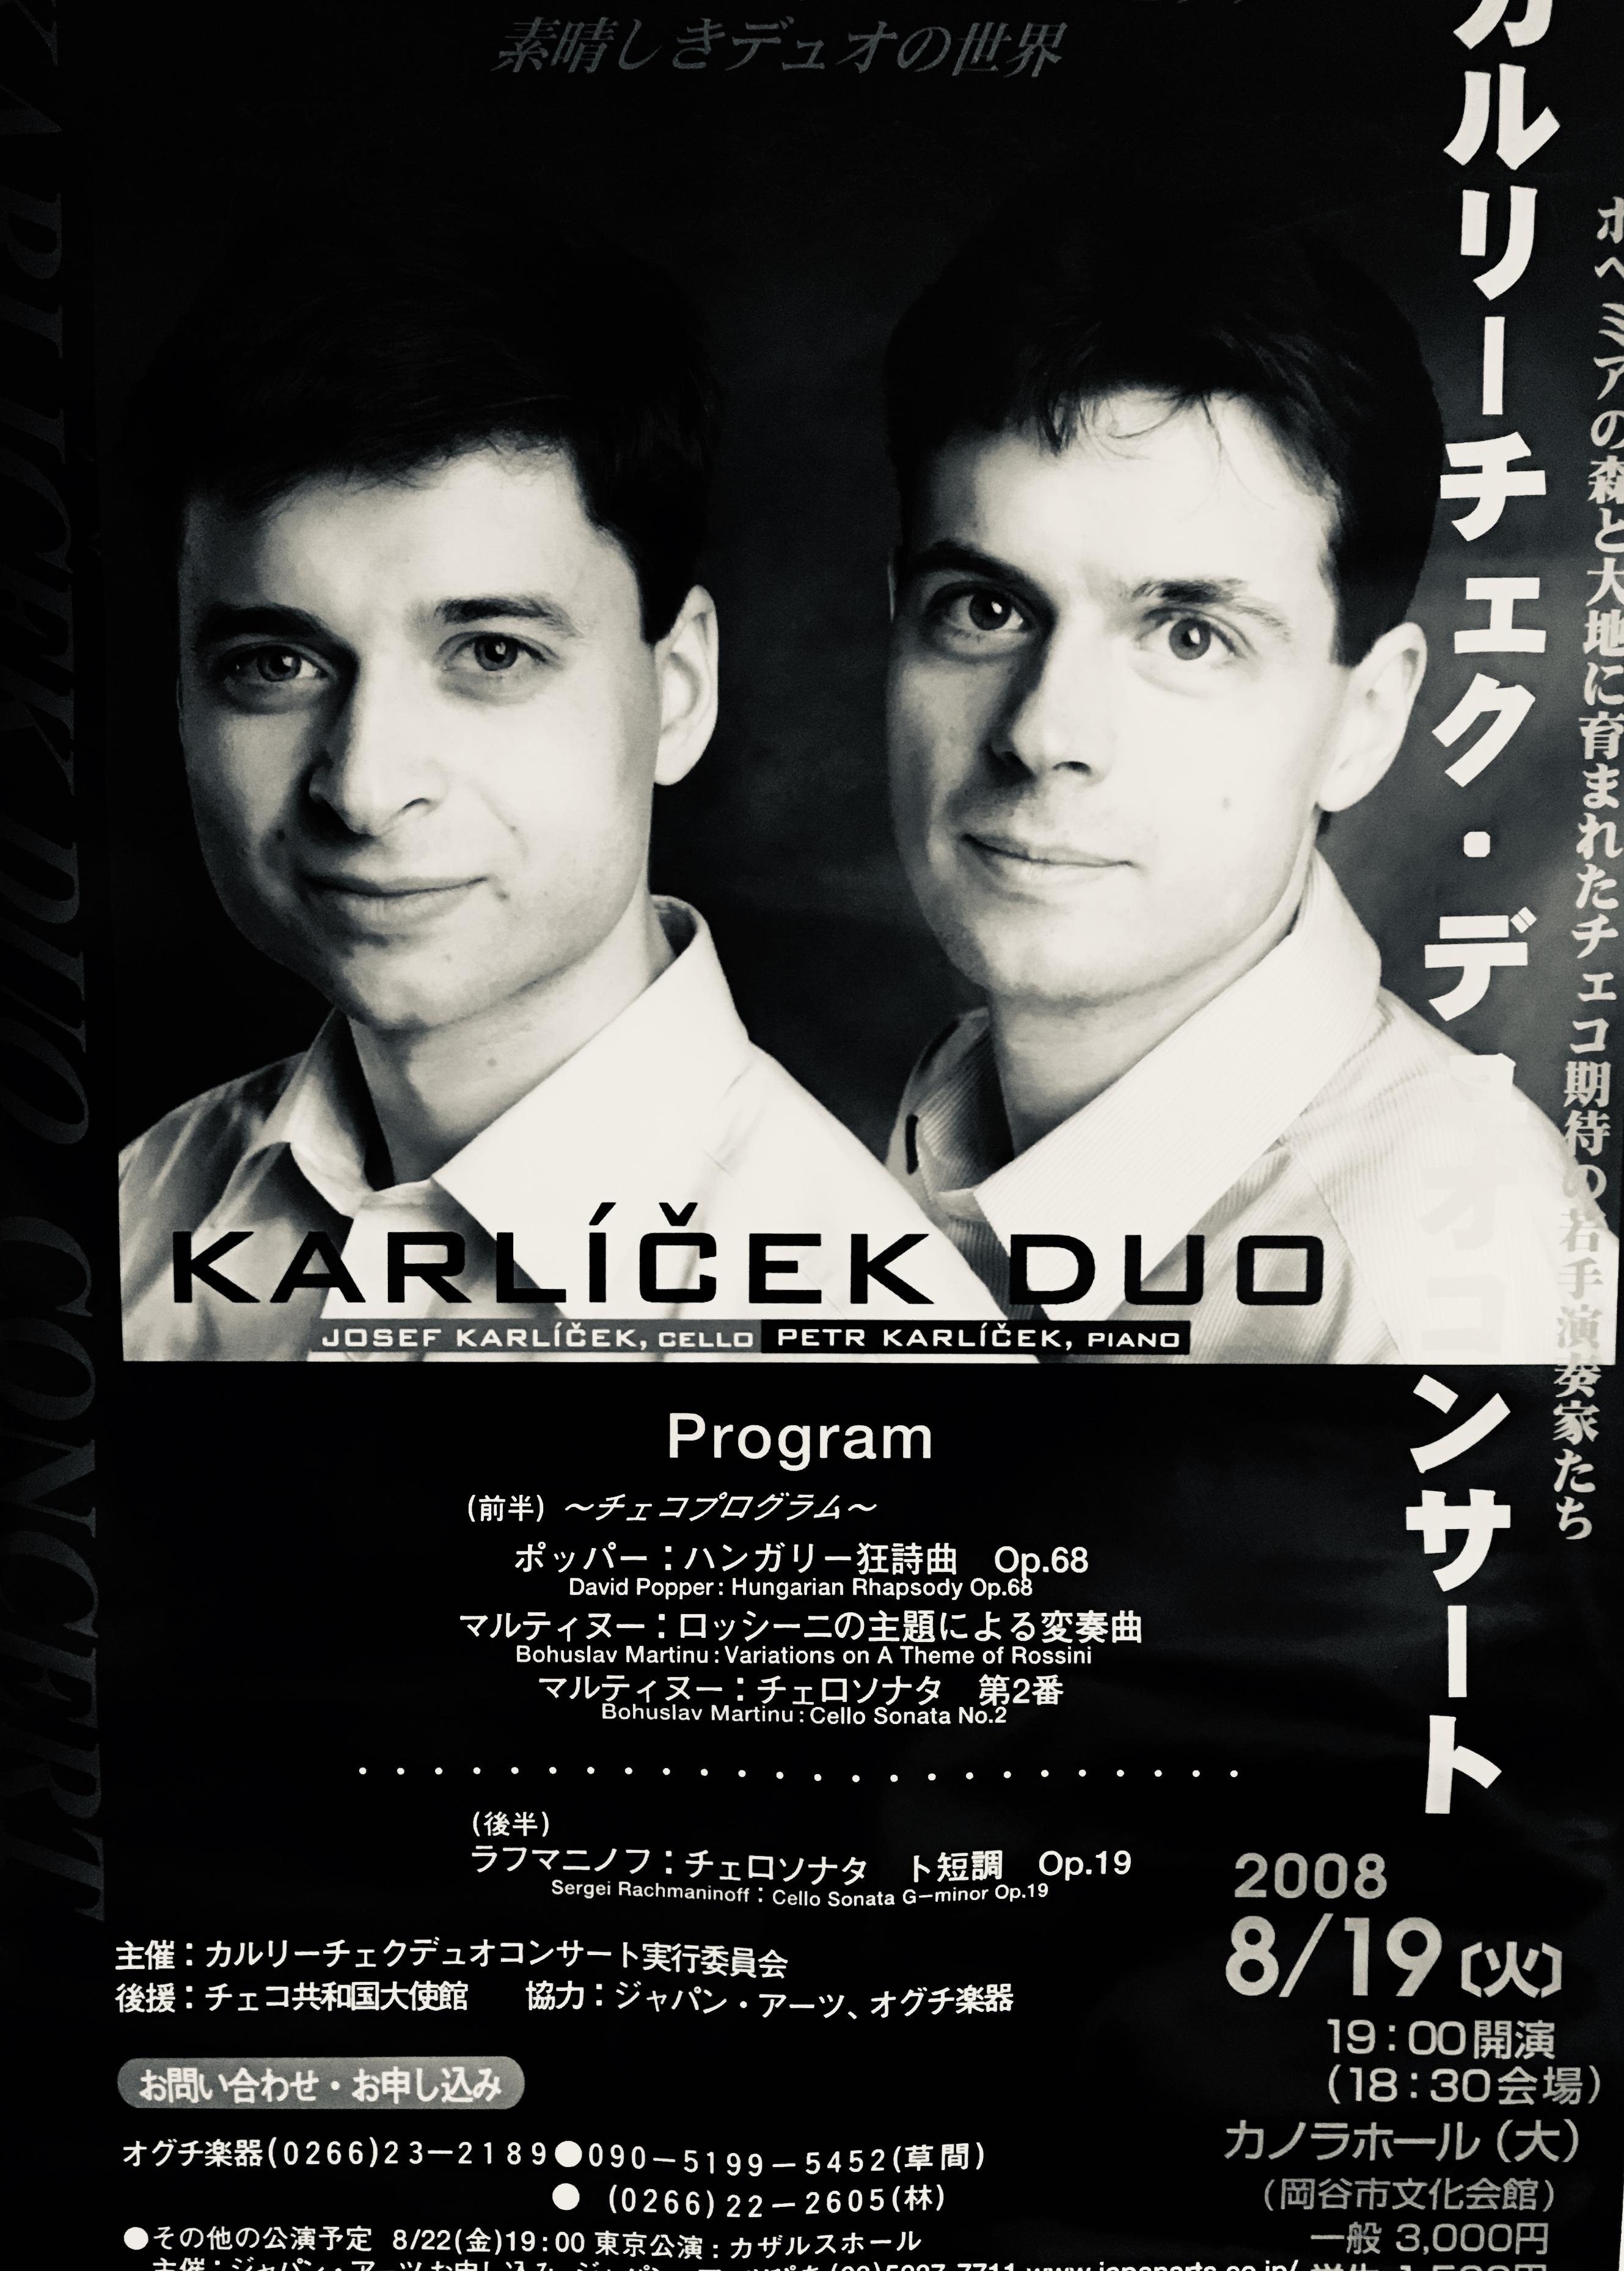 KarlicekDuo_2008